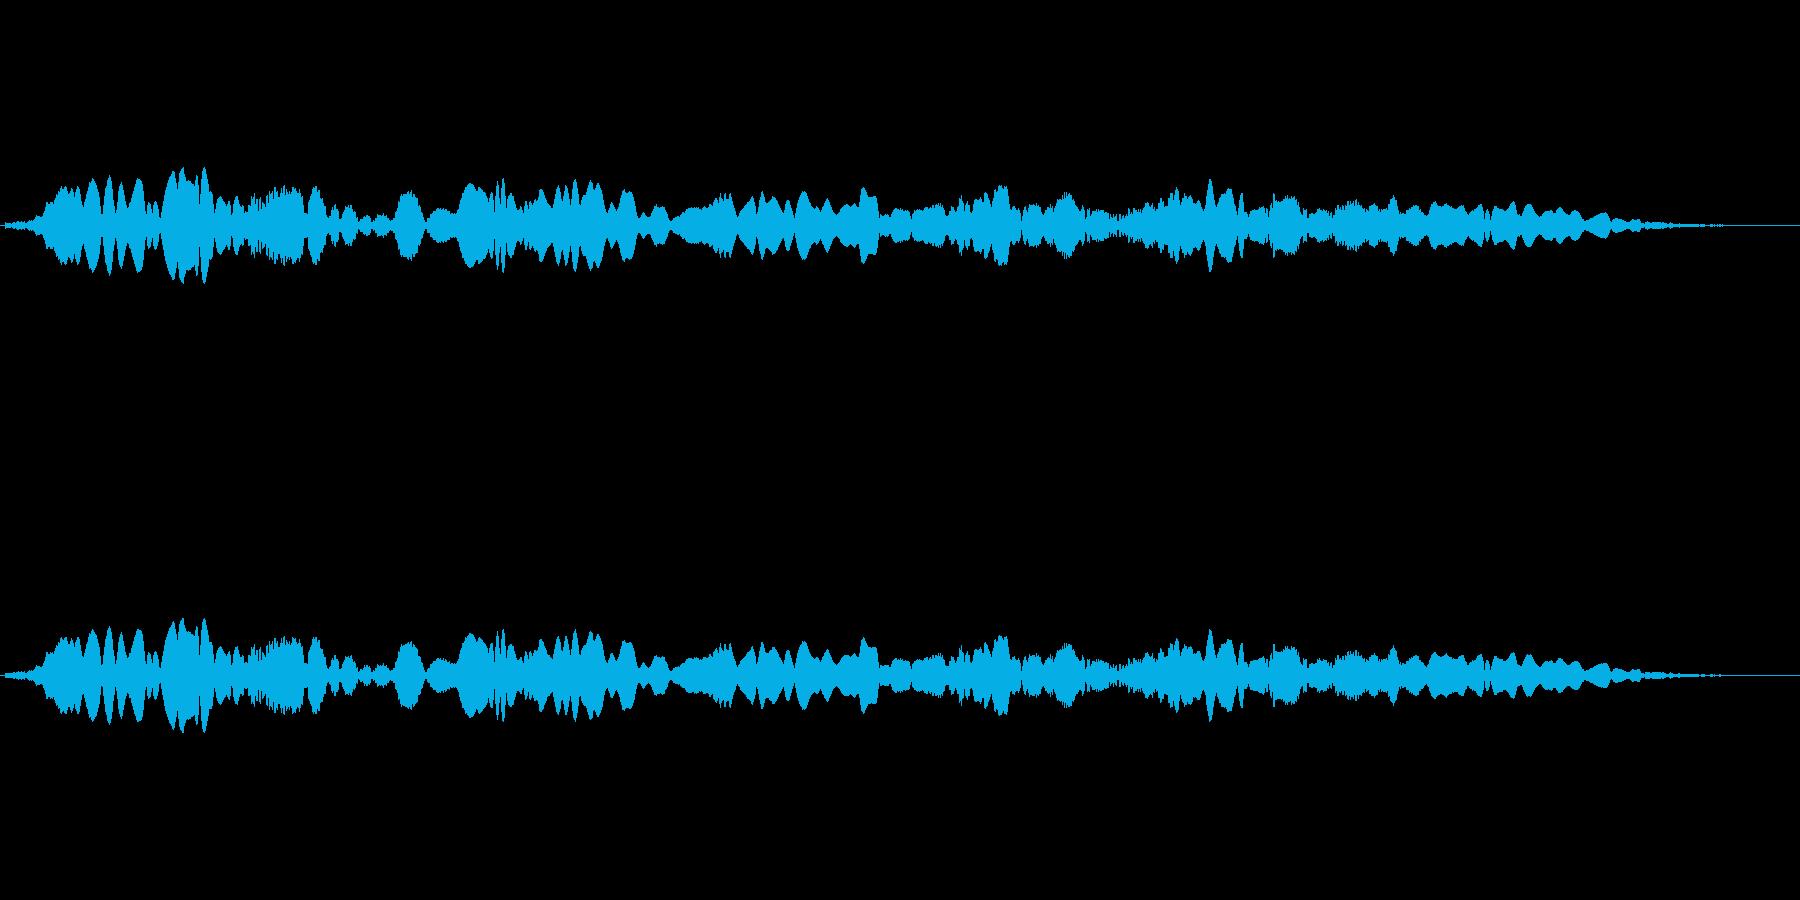 (口笛)の再生済みの波形